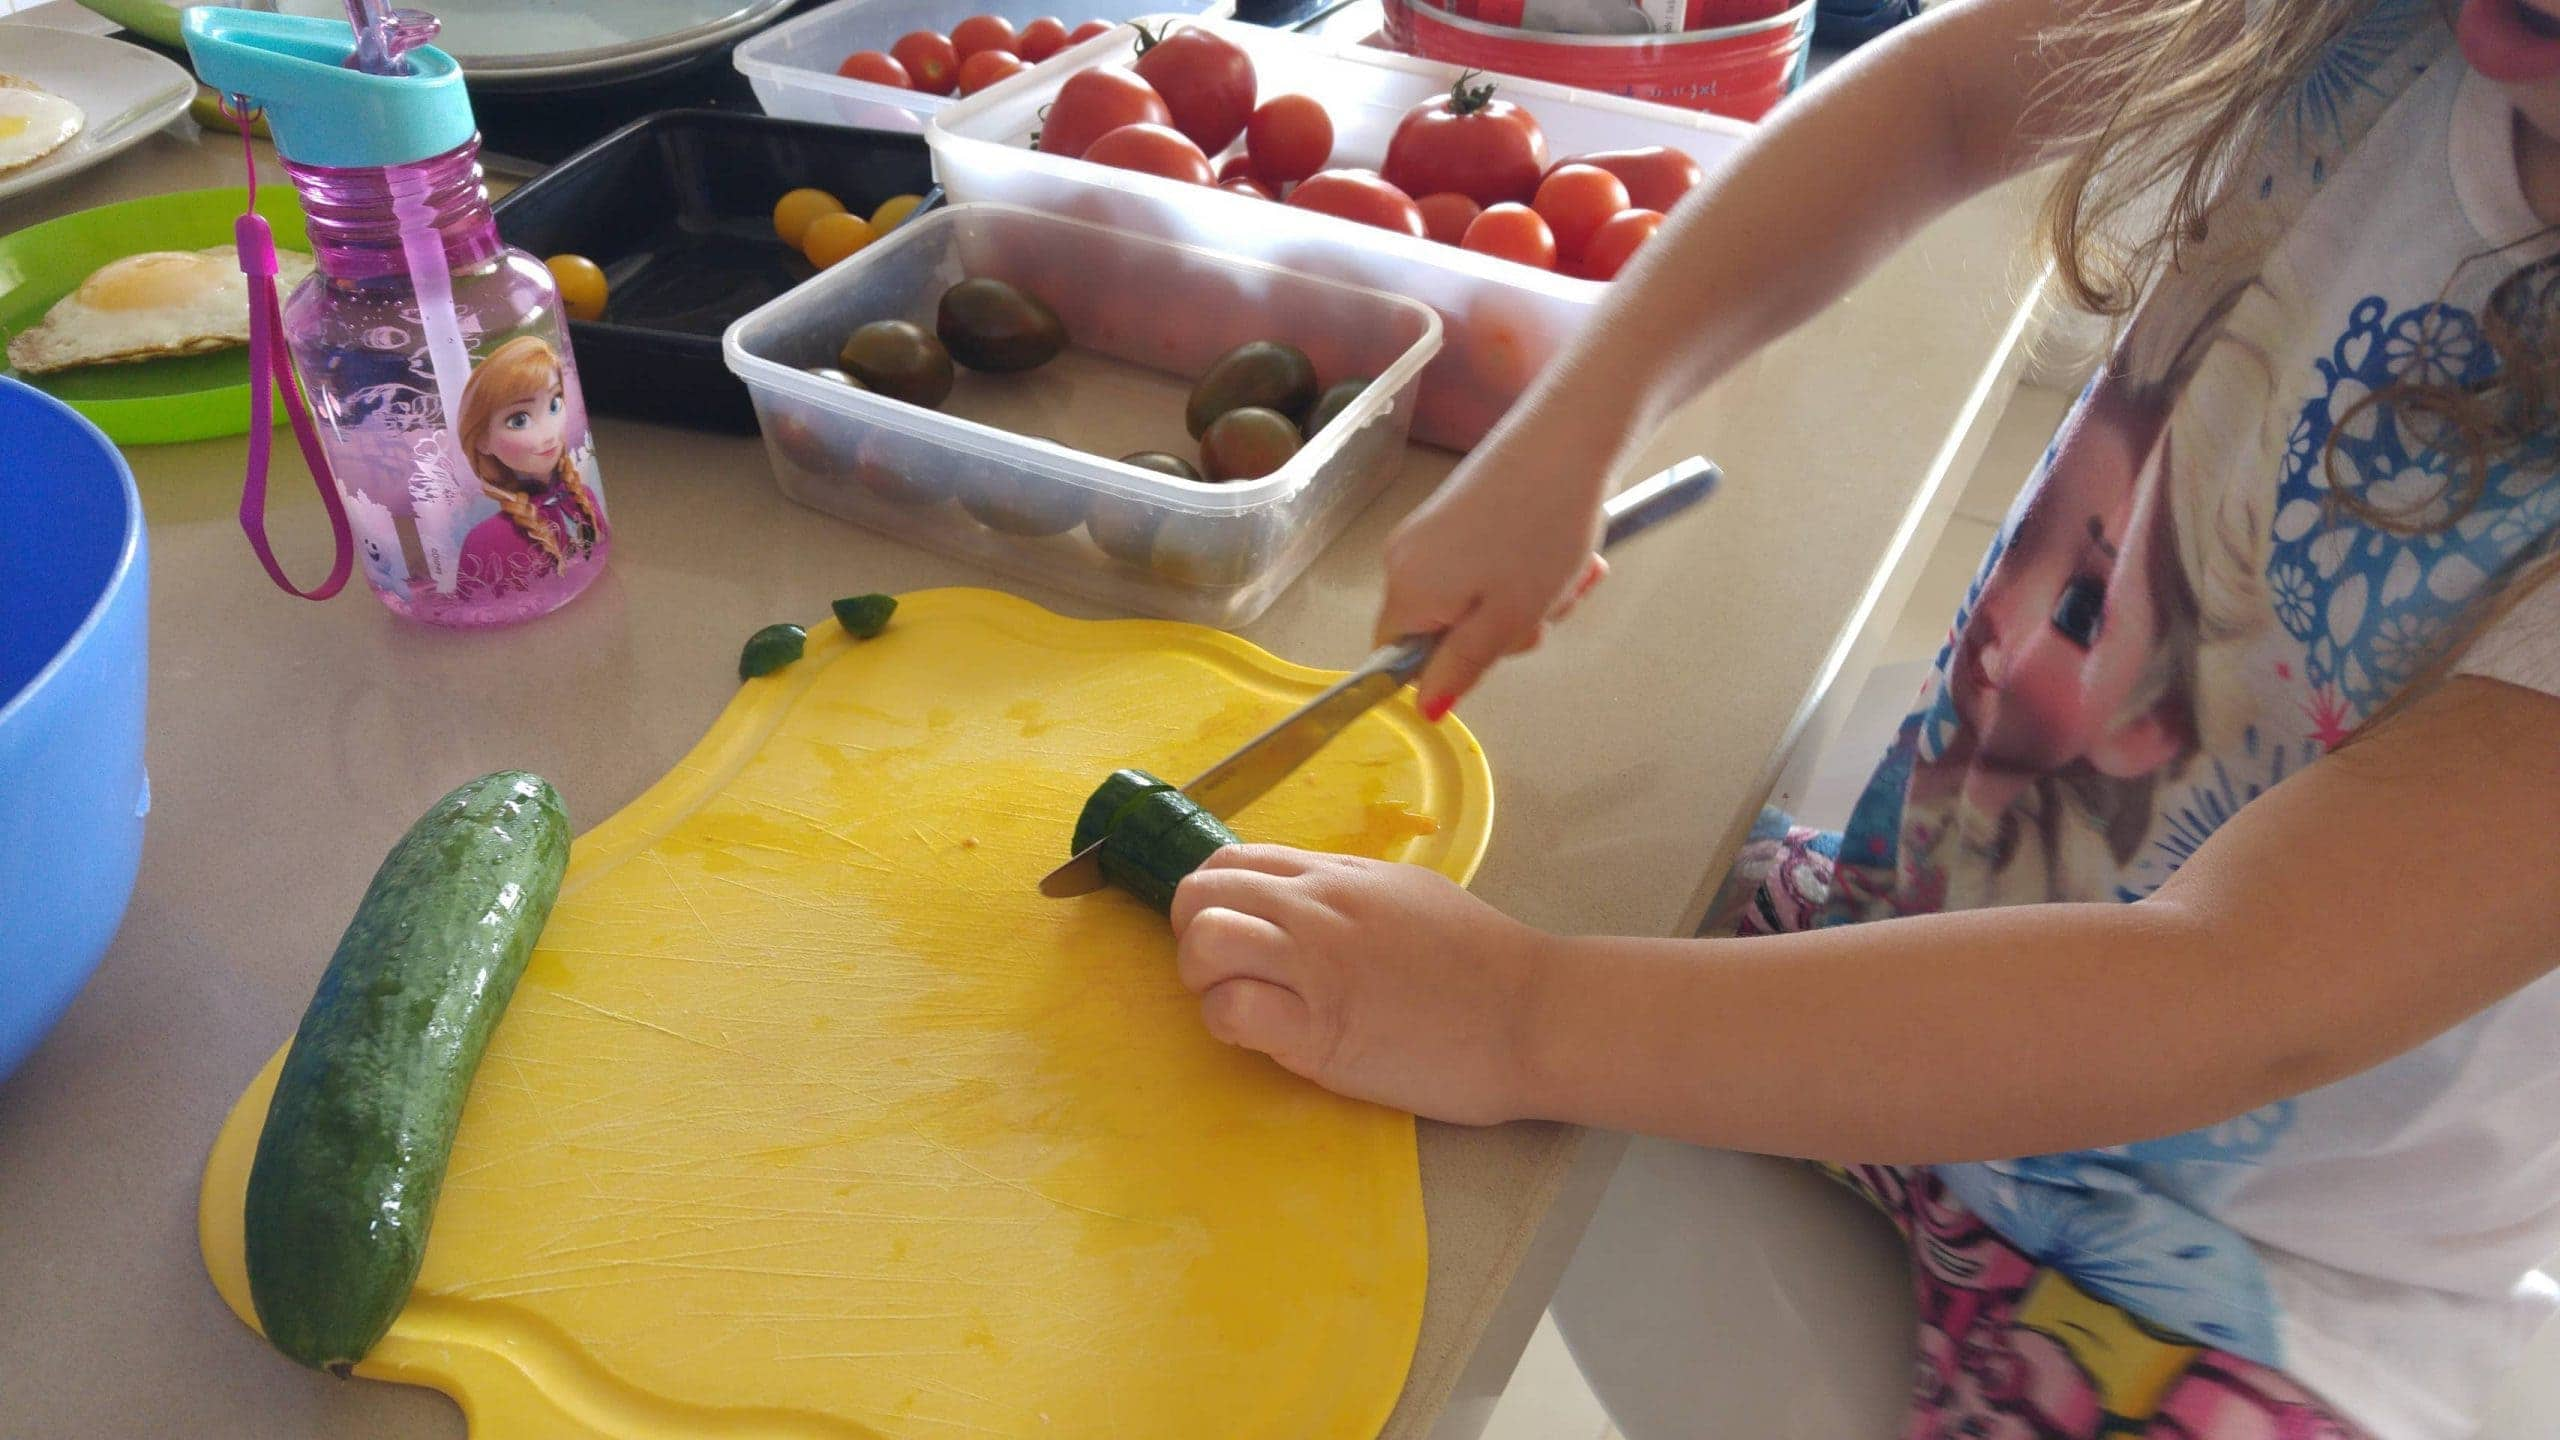 לימדתי את הבנות איך לחתוך מלפפונים ועגבניות והן הכינו לבד סלט